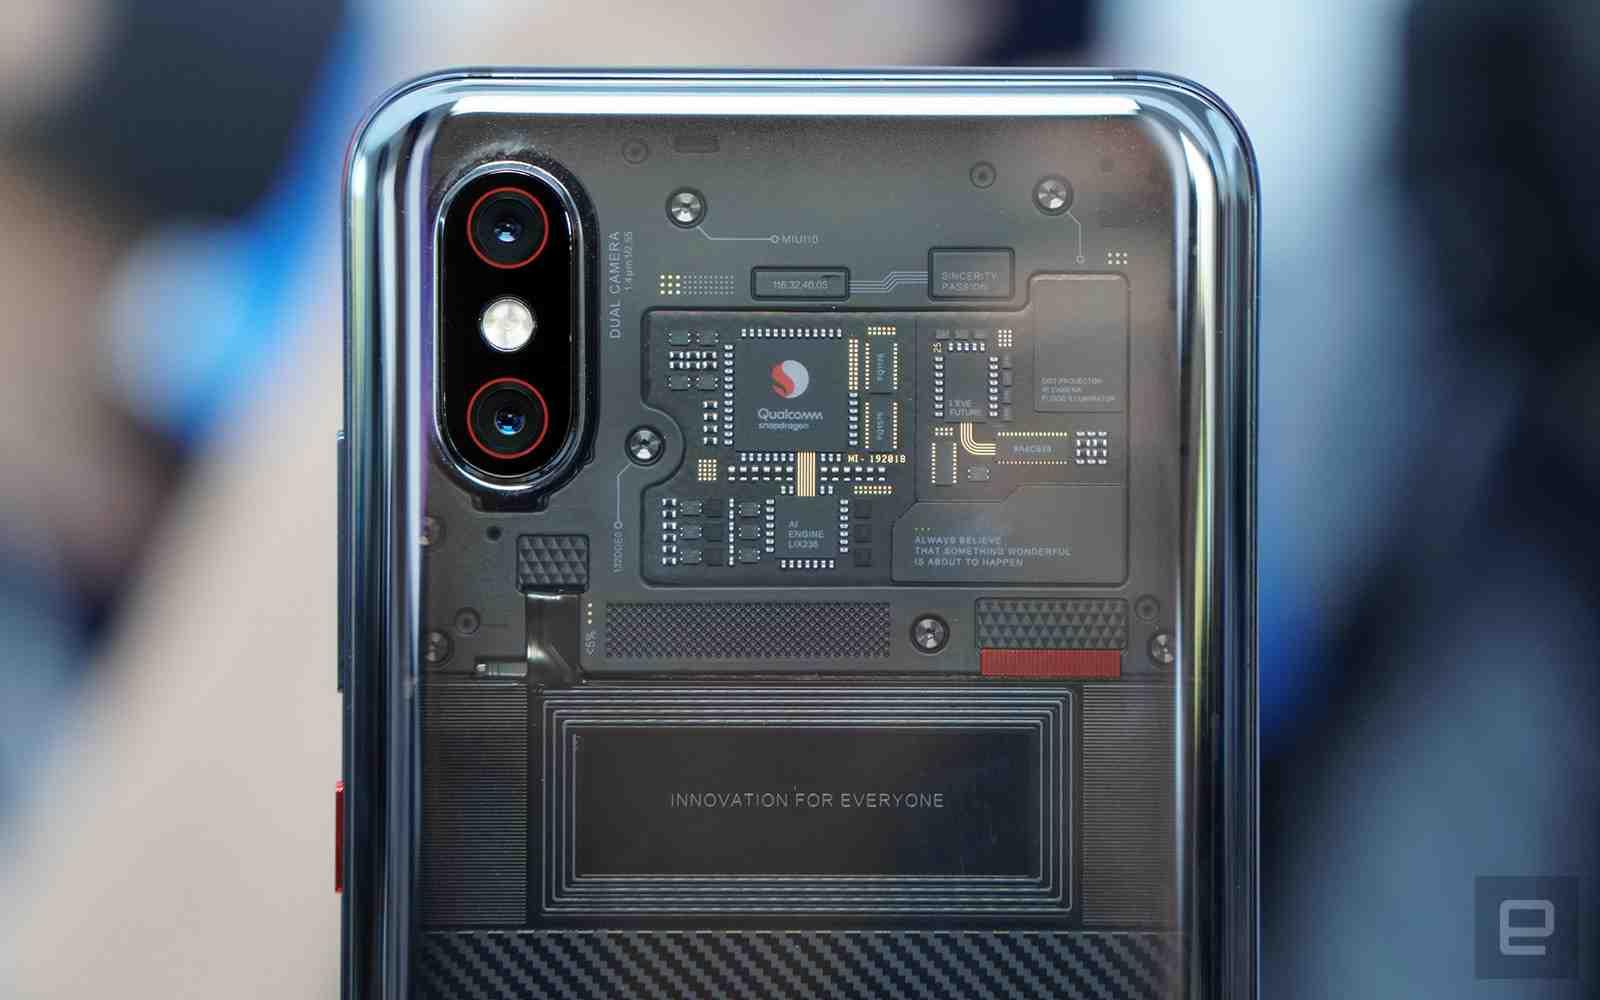 Dual 12 + 12 megapixel cameras